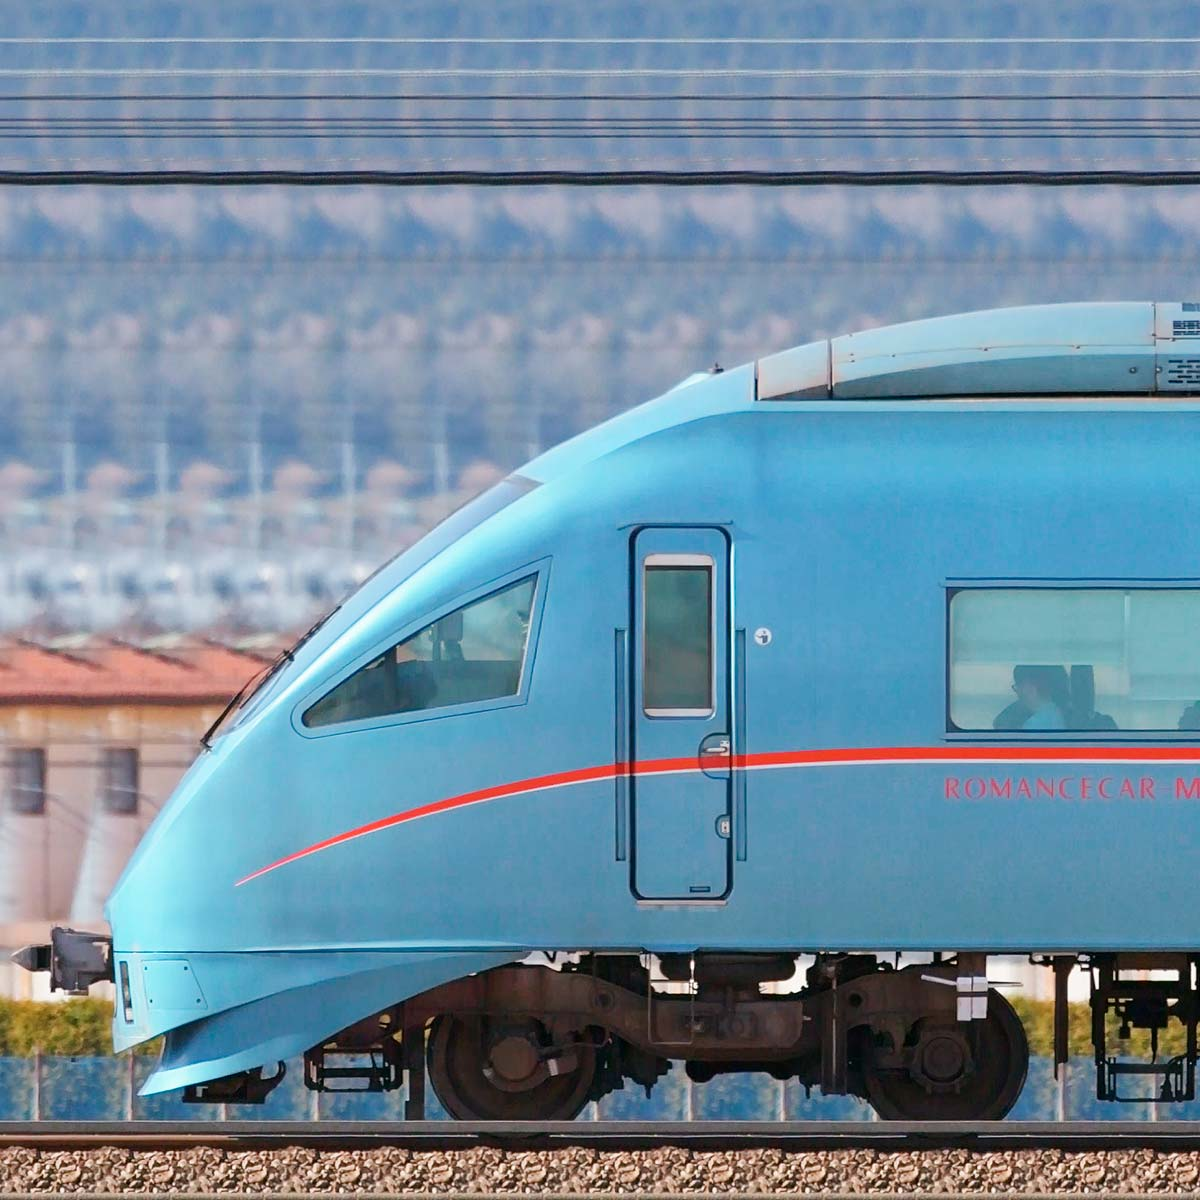 小田急60000形ロマンスカー「MSE」60051×4+60251×6(海側)